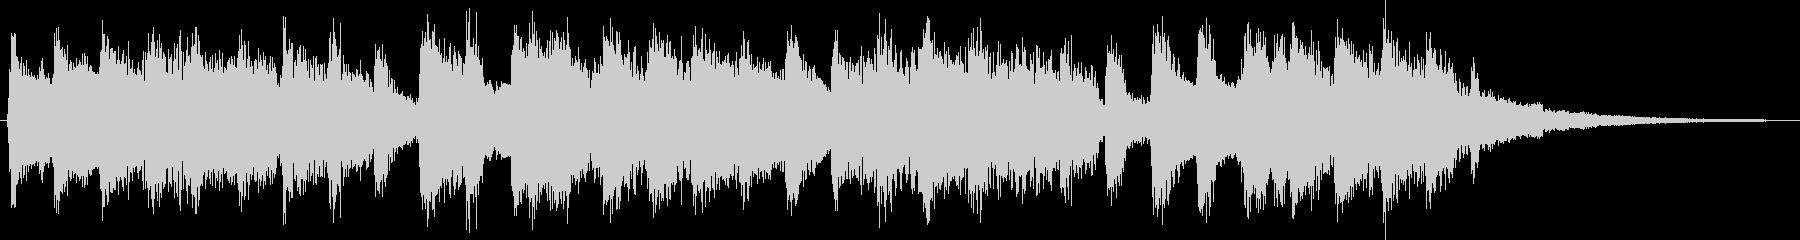 チヤフルなベルが印象的なジングルの未再生の波形